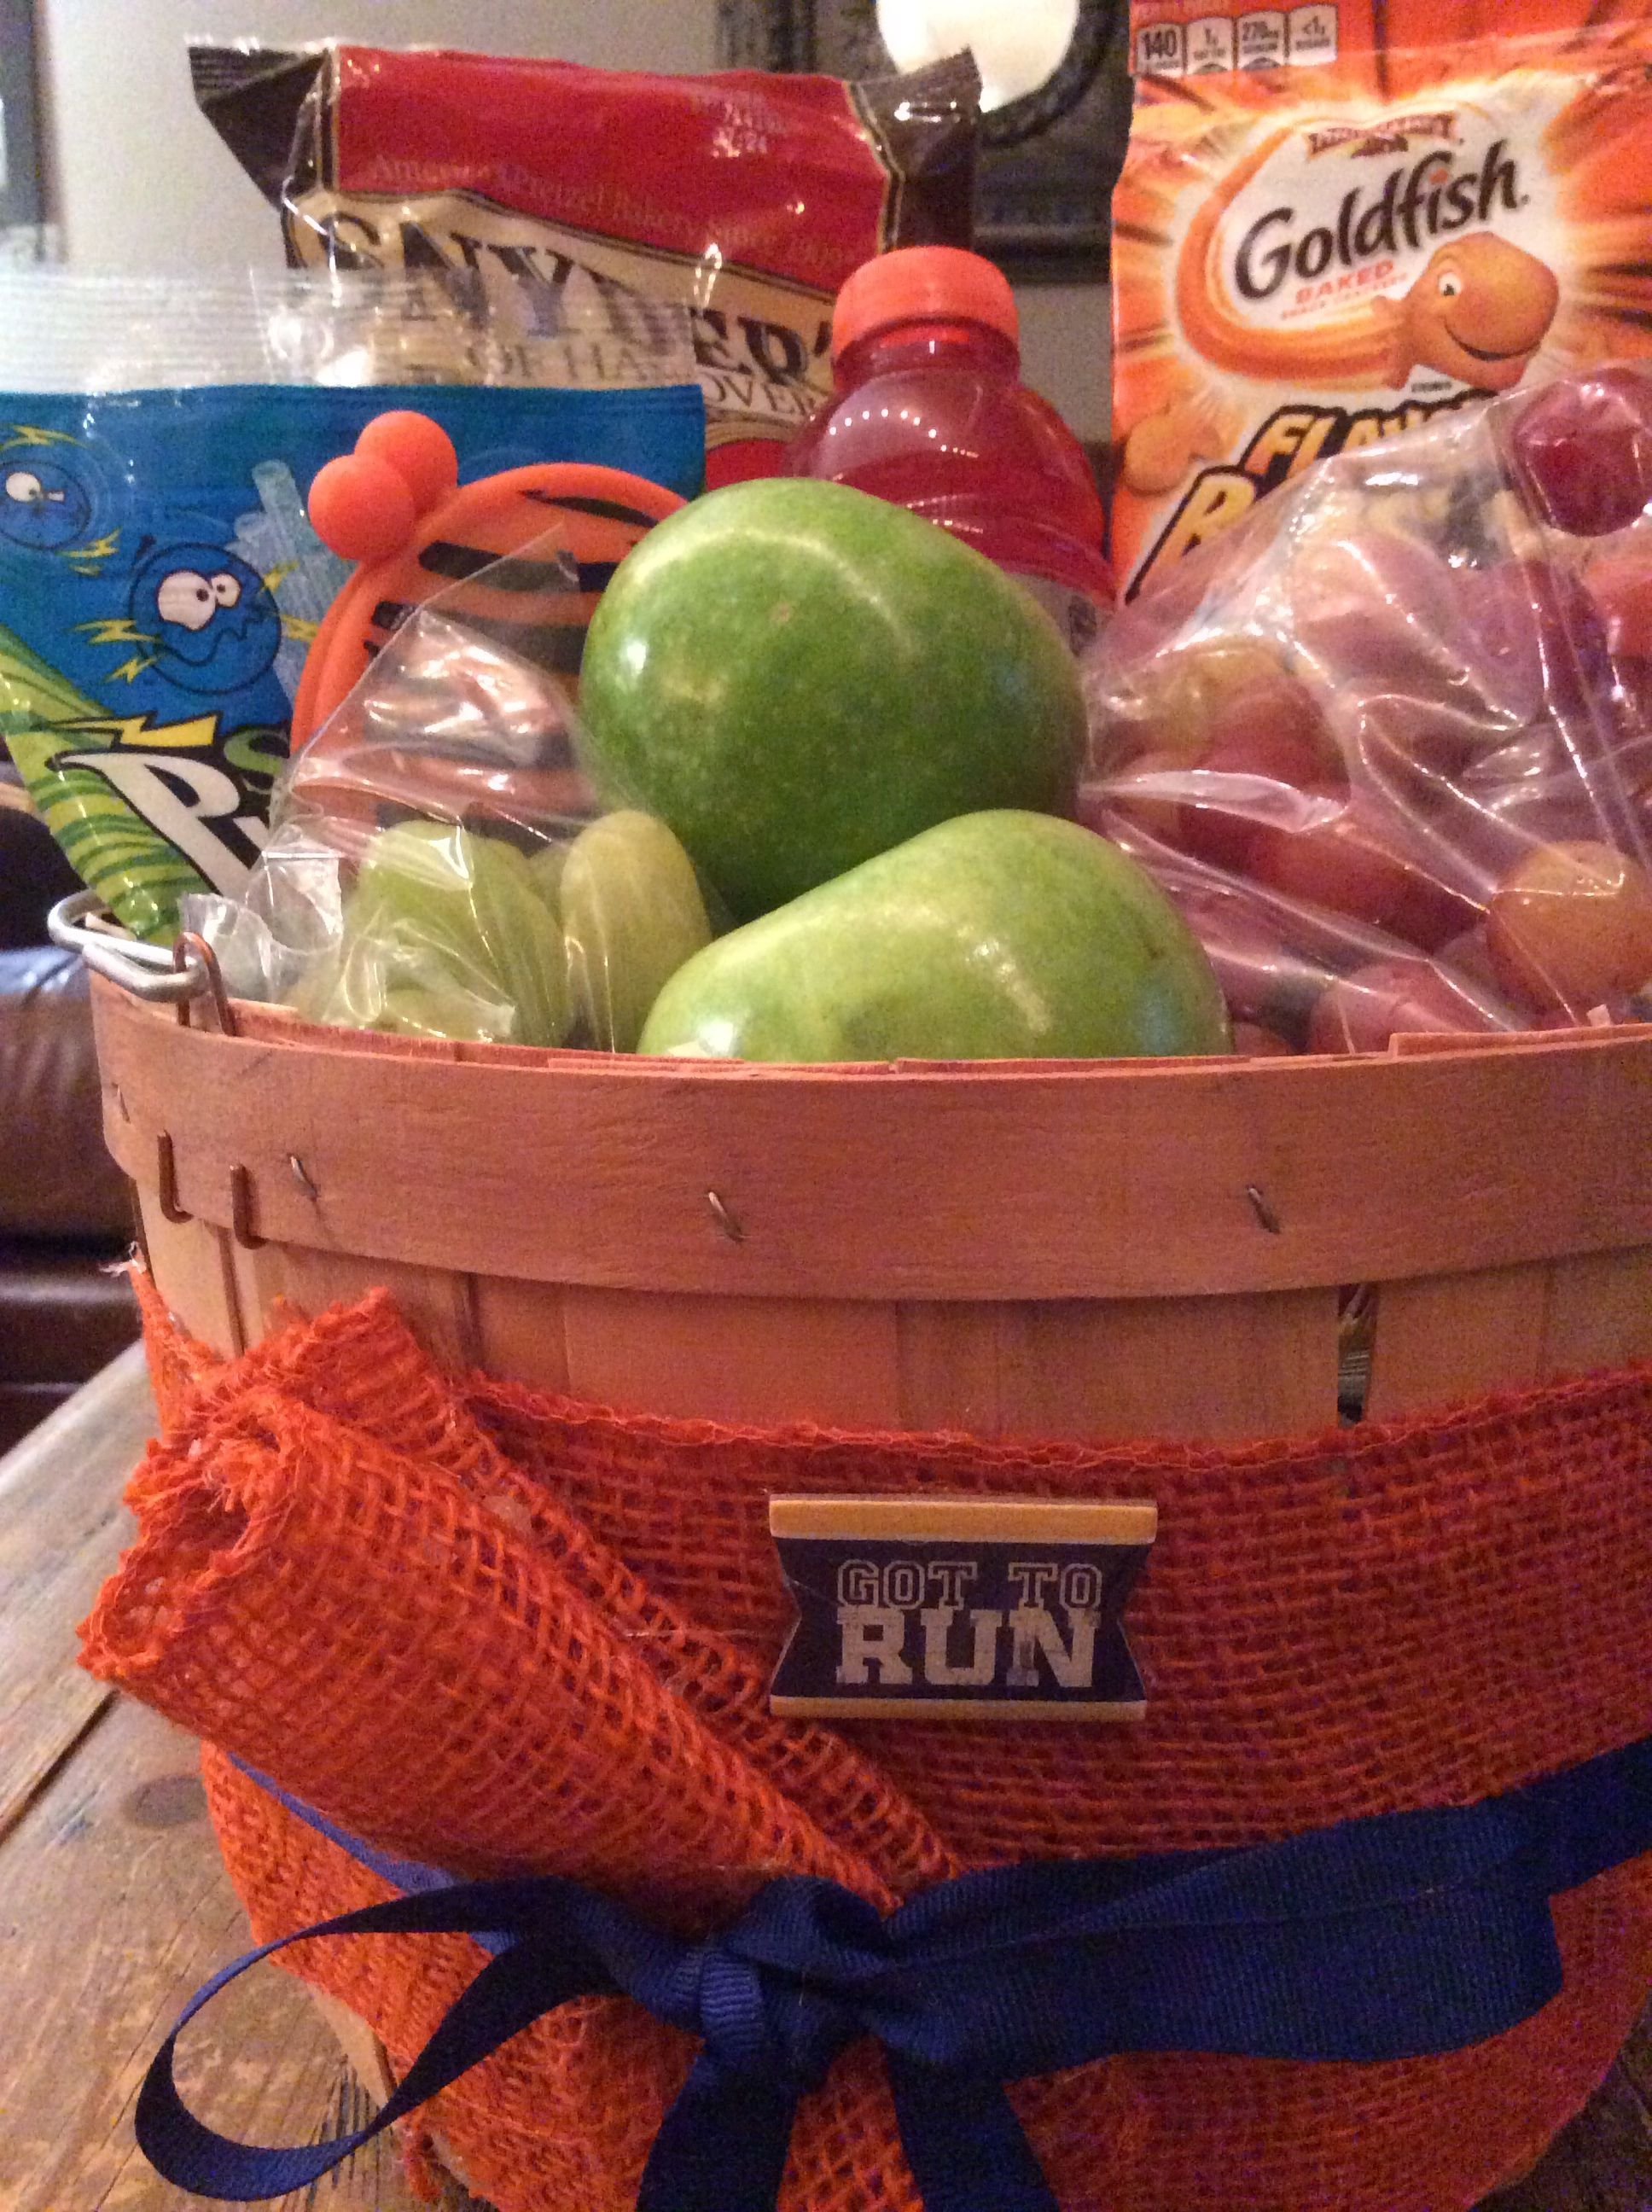 A gift basket or spirit basket for a runner cross